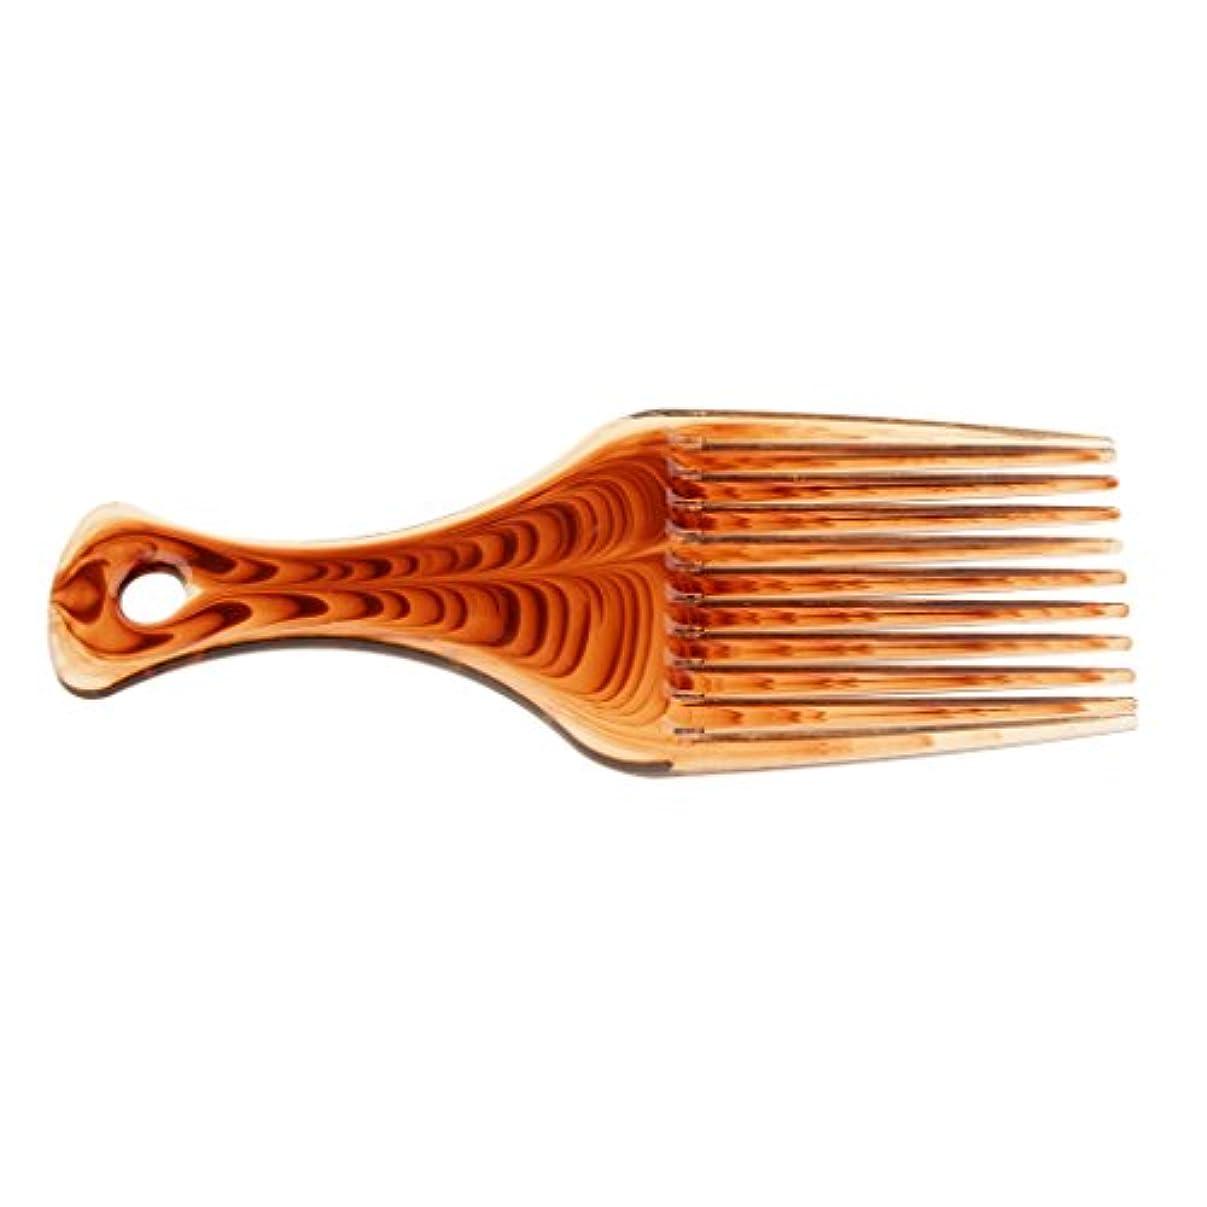 ちなみに会議誘導ヘアブラシ 髪の櫛 アフロ 櫛 プロ 実用的 ヘアスタイリング 持ち上げ ヘアブラシ